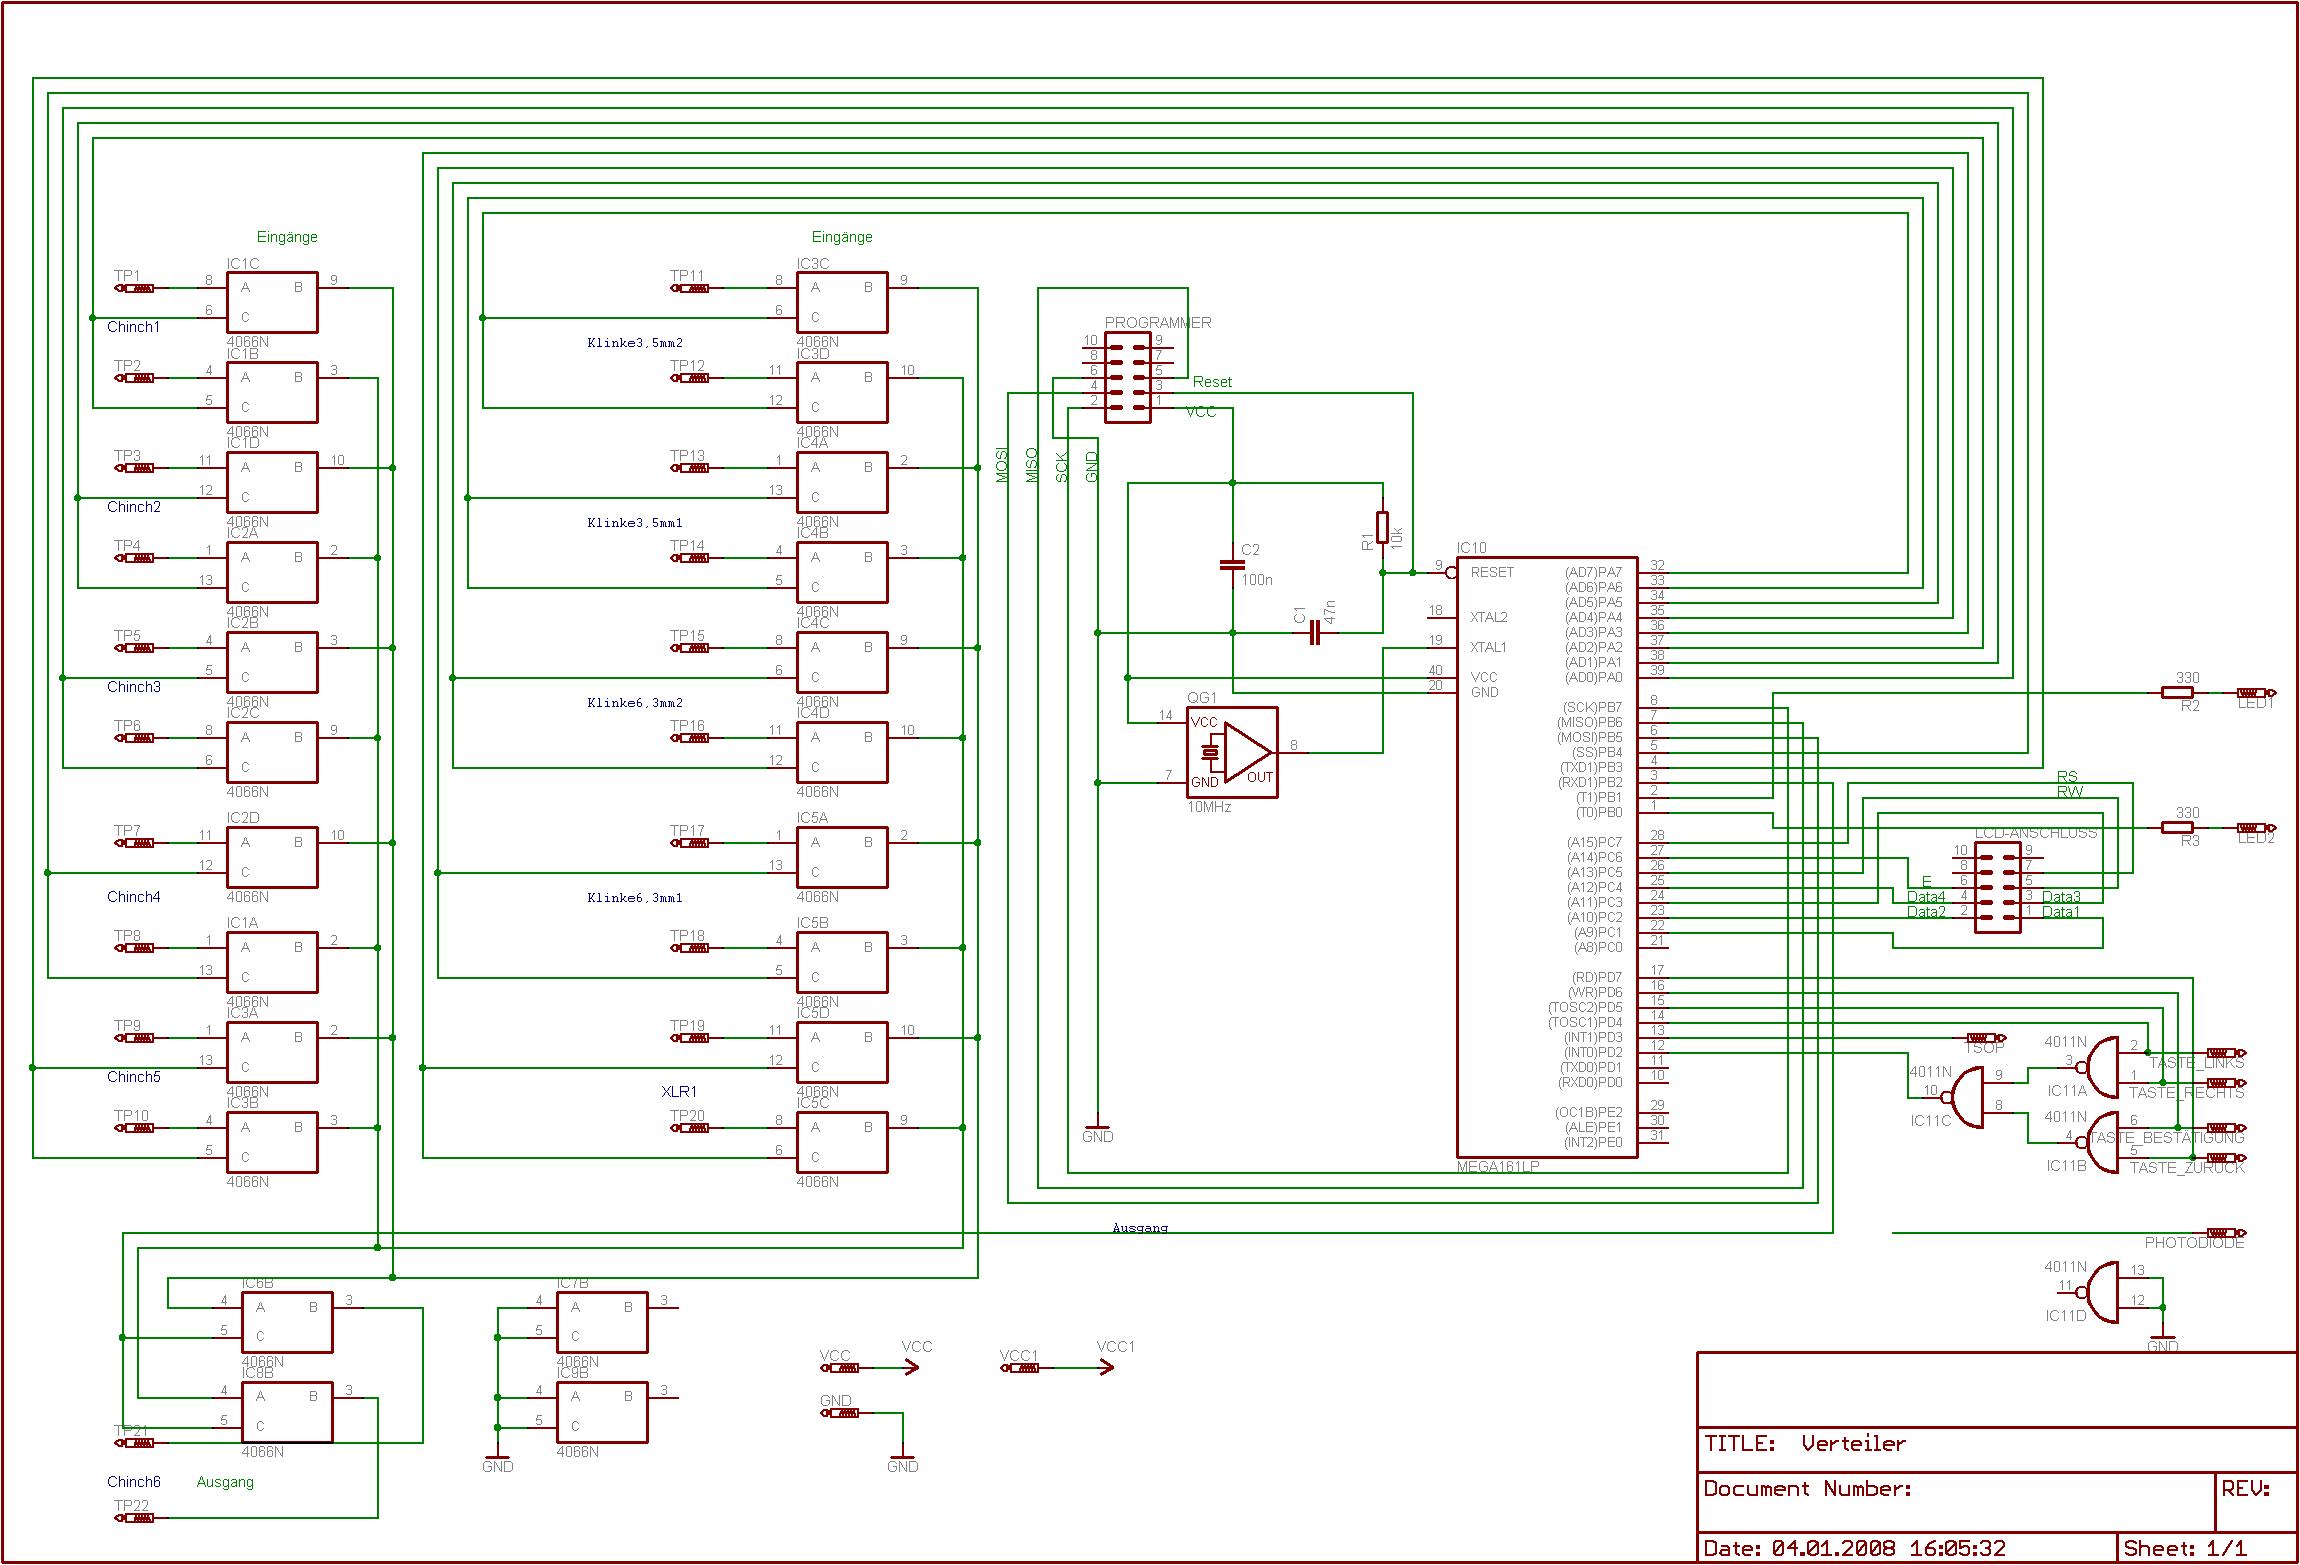 Schaltung so richtig? - Mikrocontroller.net